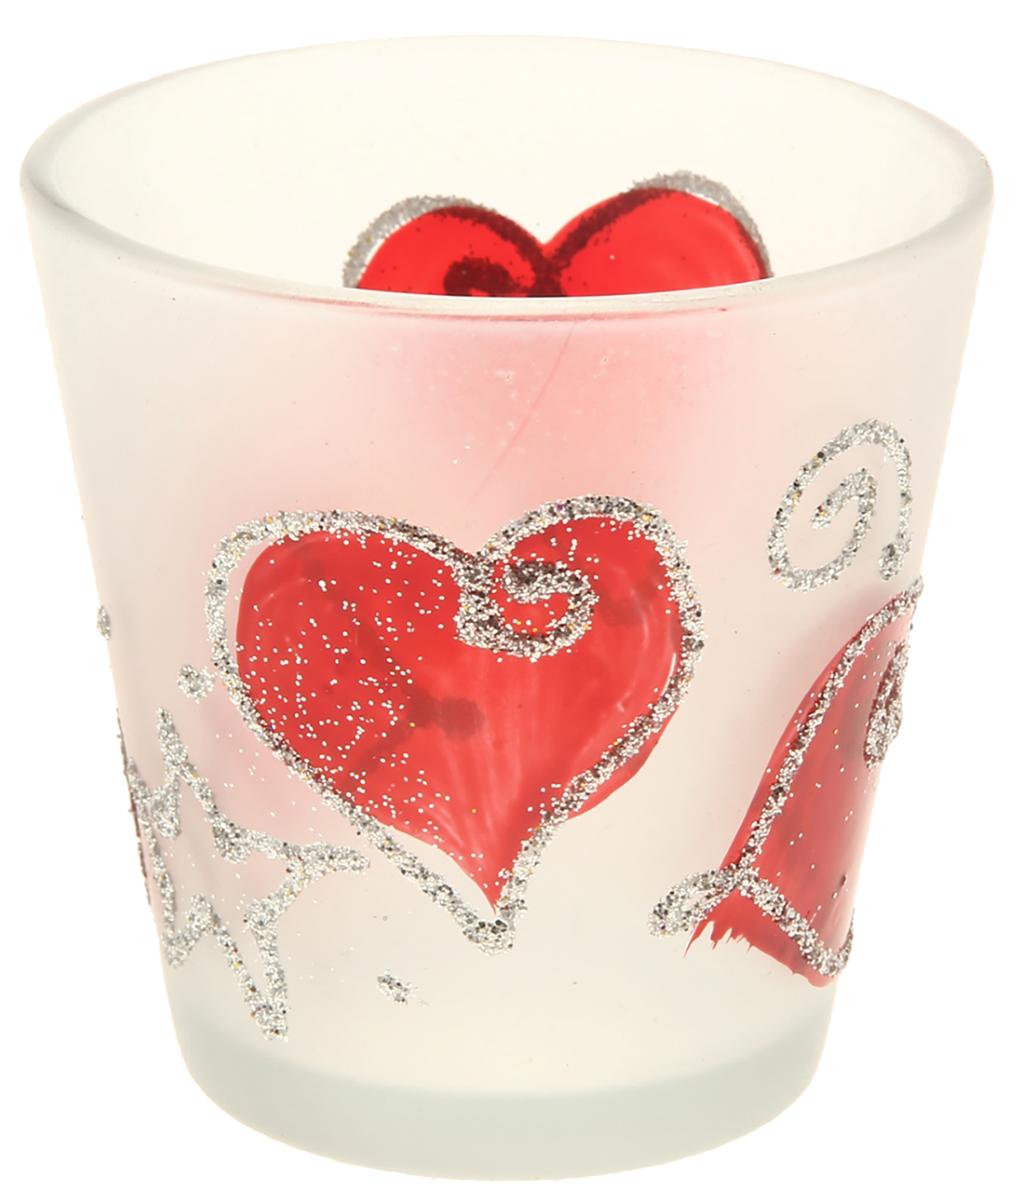 Подсвечник Пылающее сердце, цвет: белый, красный, 4,5 х 6,5 х 6,6 см845448Психологи рекомендуют, для того чтобы расслабиться после тяжелой трудовой недели вамдостаточно зажечь свечи в доме, такой антураж придаст торжественную, праздную и в тожевремя уютную обстановку. Горящая свеча в красивом подсвечники - это устоявшийся дуэт,прошедший тысячелетия и сегодня такой модный тренд как всегда на пике популярности. Подсвечник Пылающее сердце изысканный, загадочный и романтичный спутник свечи которыйвы можете заказать в нашем интернет-магазине. Помните, горящая свеча в красивомподсвечнике вызывает только положительные эмоции и способствует вашему психо- эмоциональному комфорту.